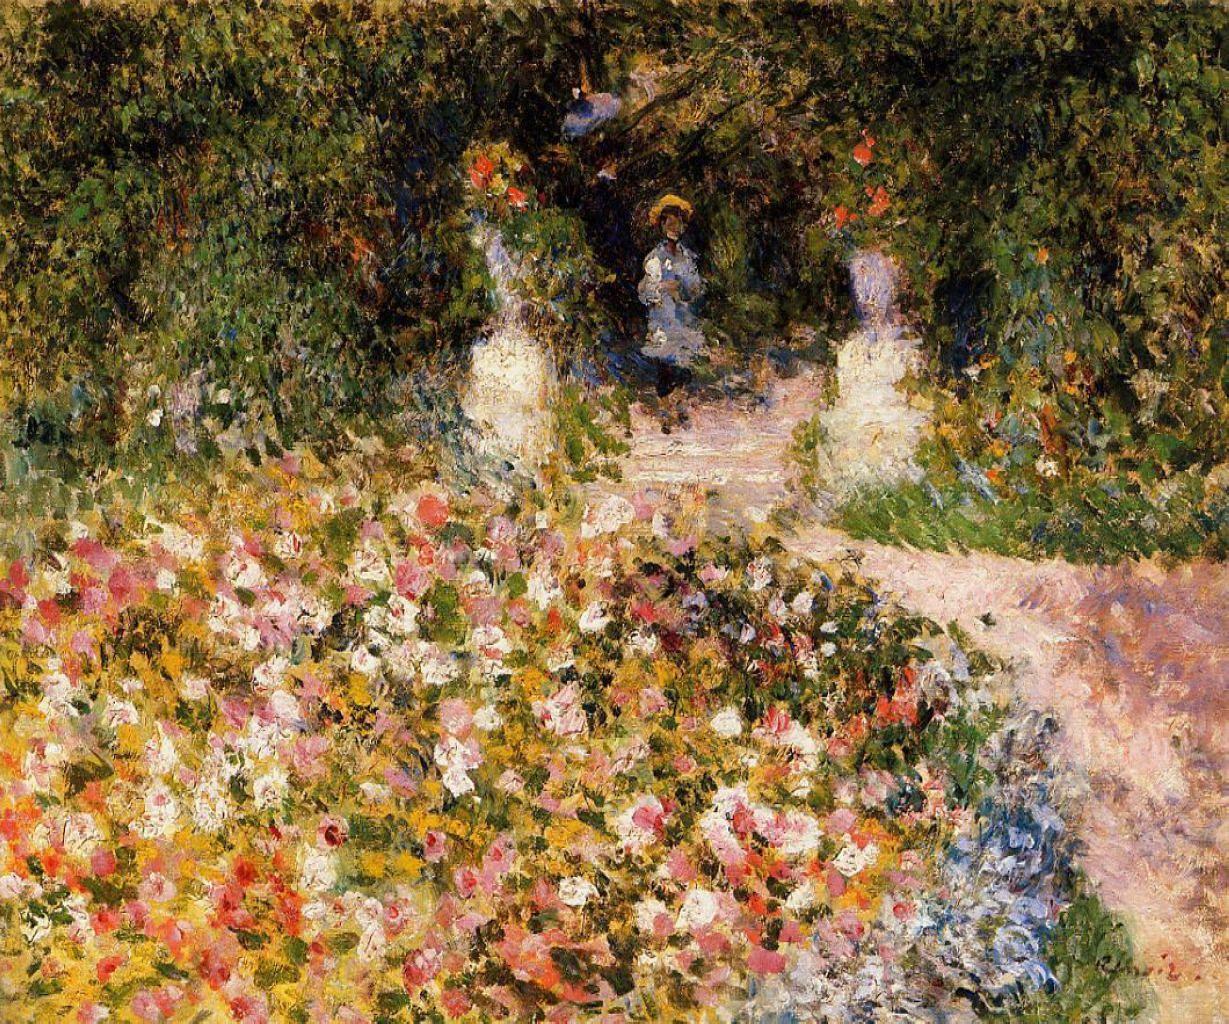 Renoir | The Garden - Pierre-Auguste Renoir - WikiPaintings.org